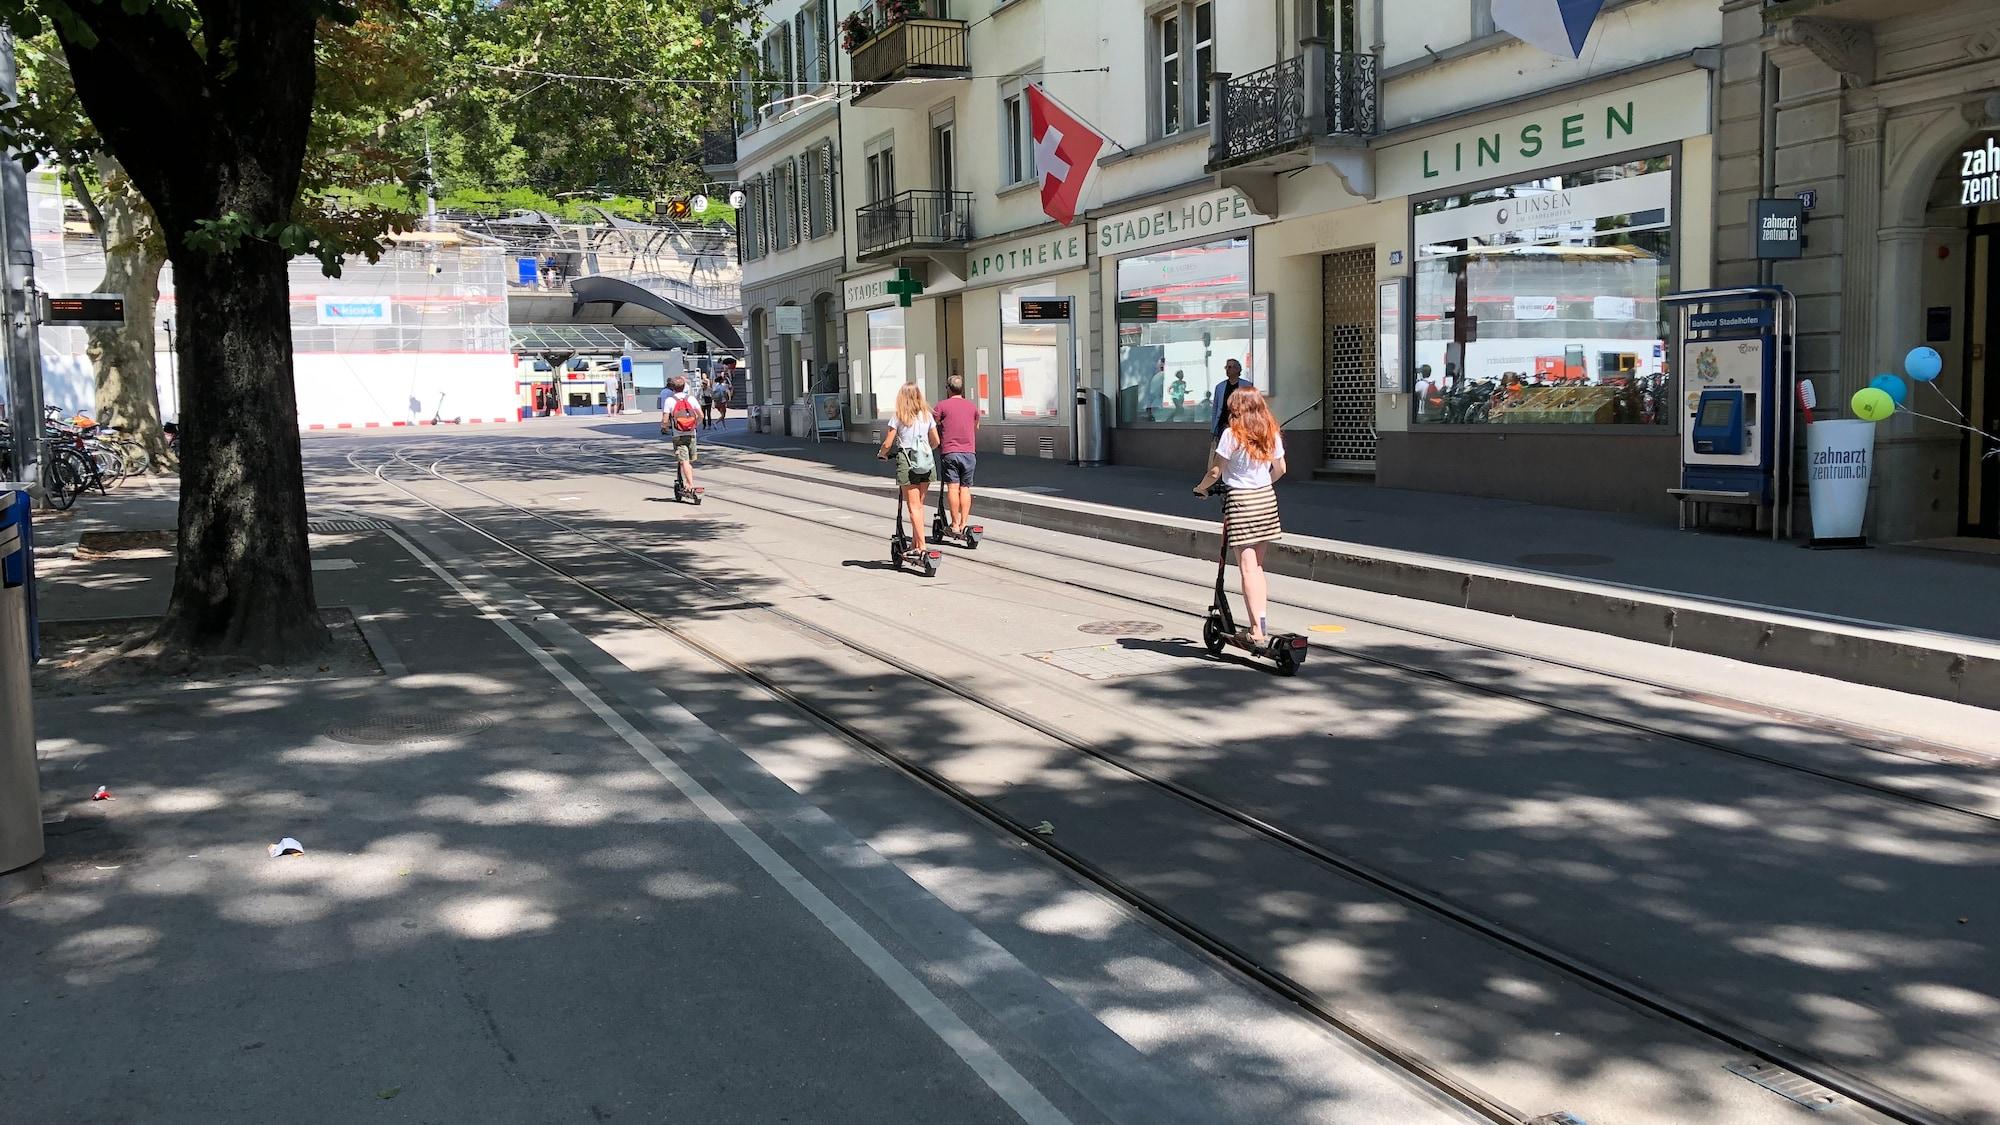 Experten zur Offensive mit den Leih-Scootern: «E-Trottis lösen das Verkehrsproblem nicht»